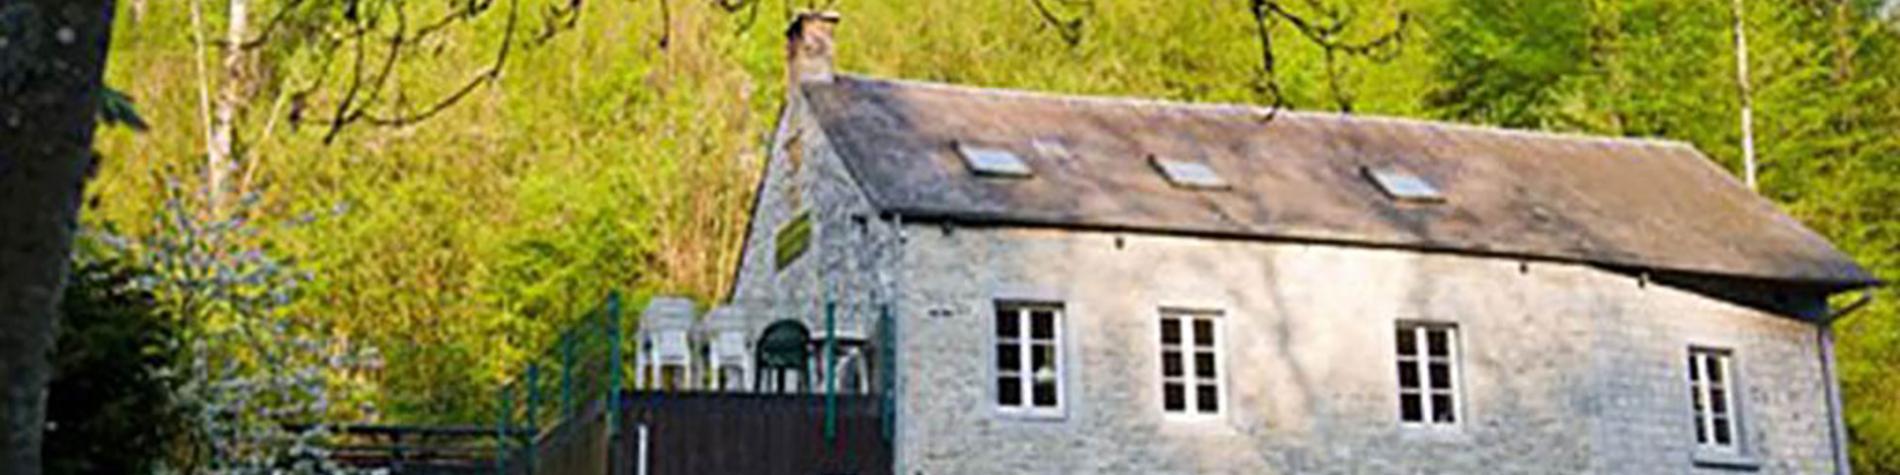 La Pêcherie - Gîte rural - Sosoye - Plus Beaux Villages de Wallonie - Maredsou - vallée de la Molignée